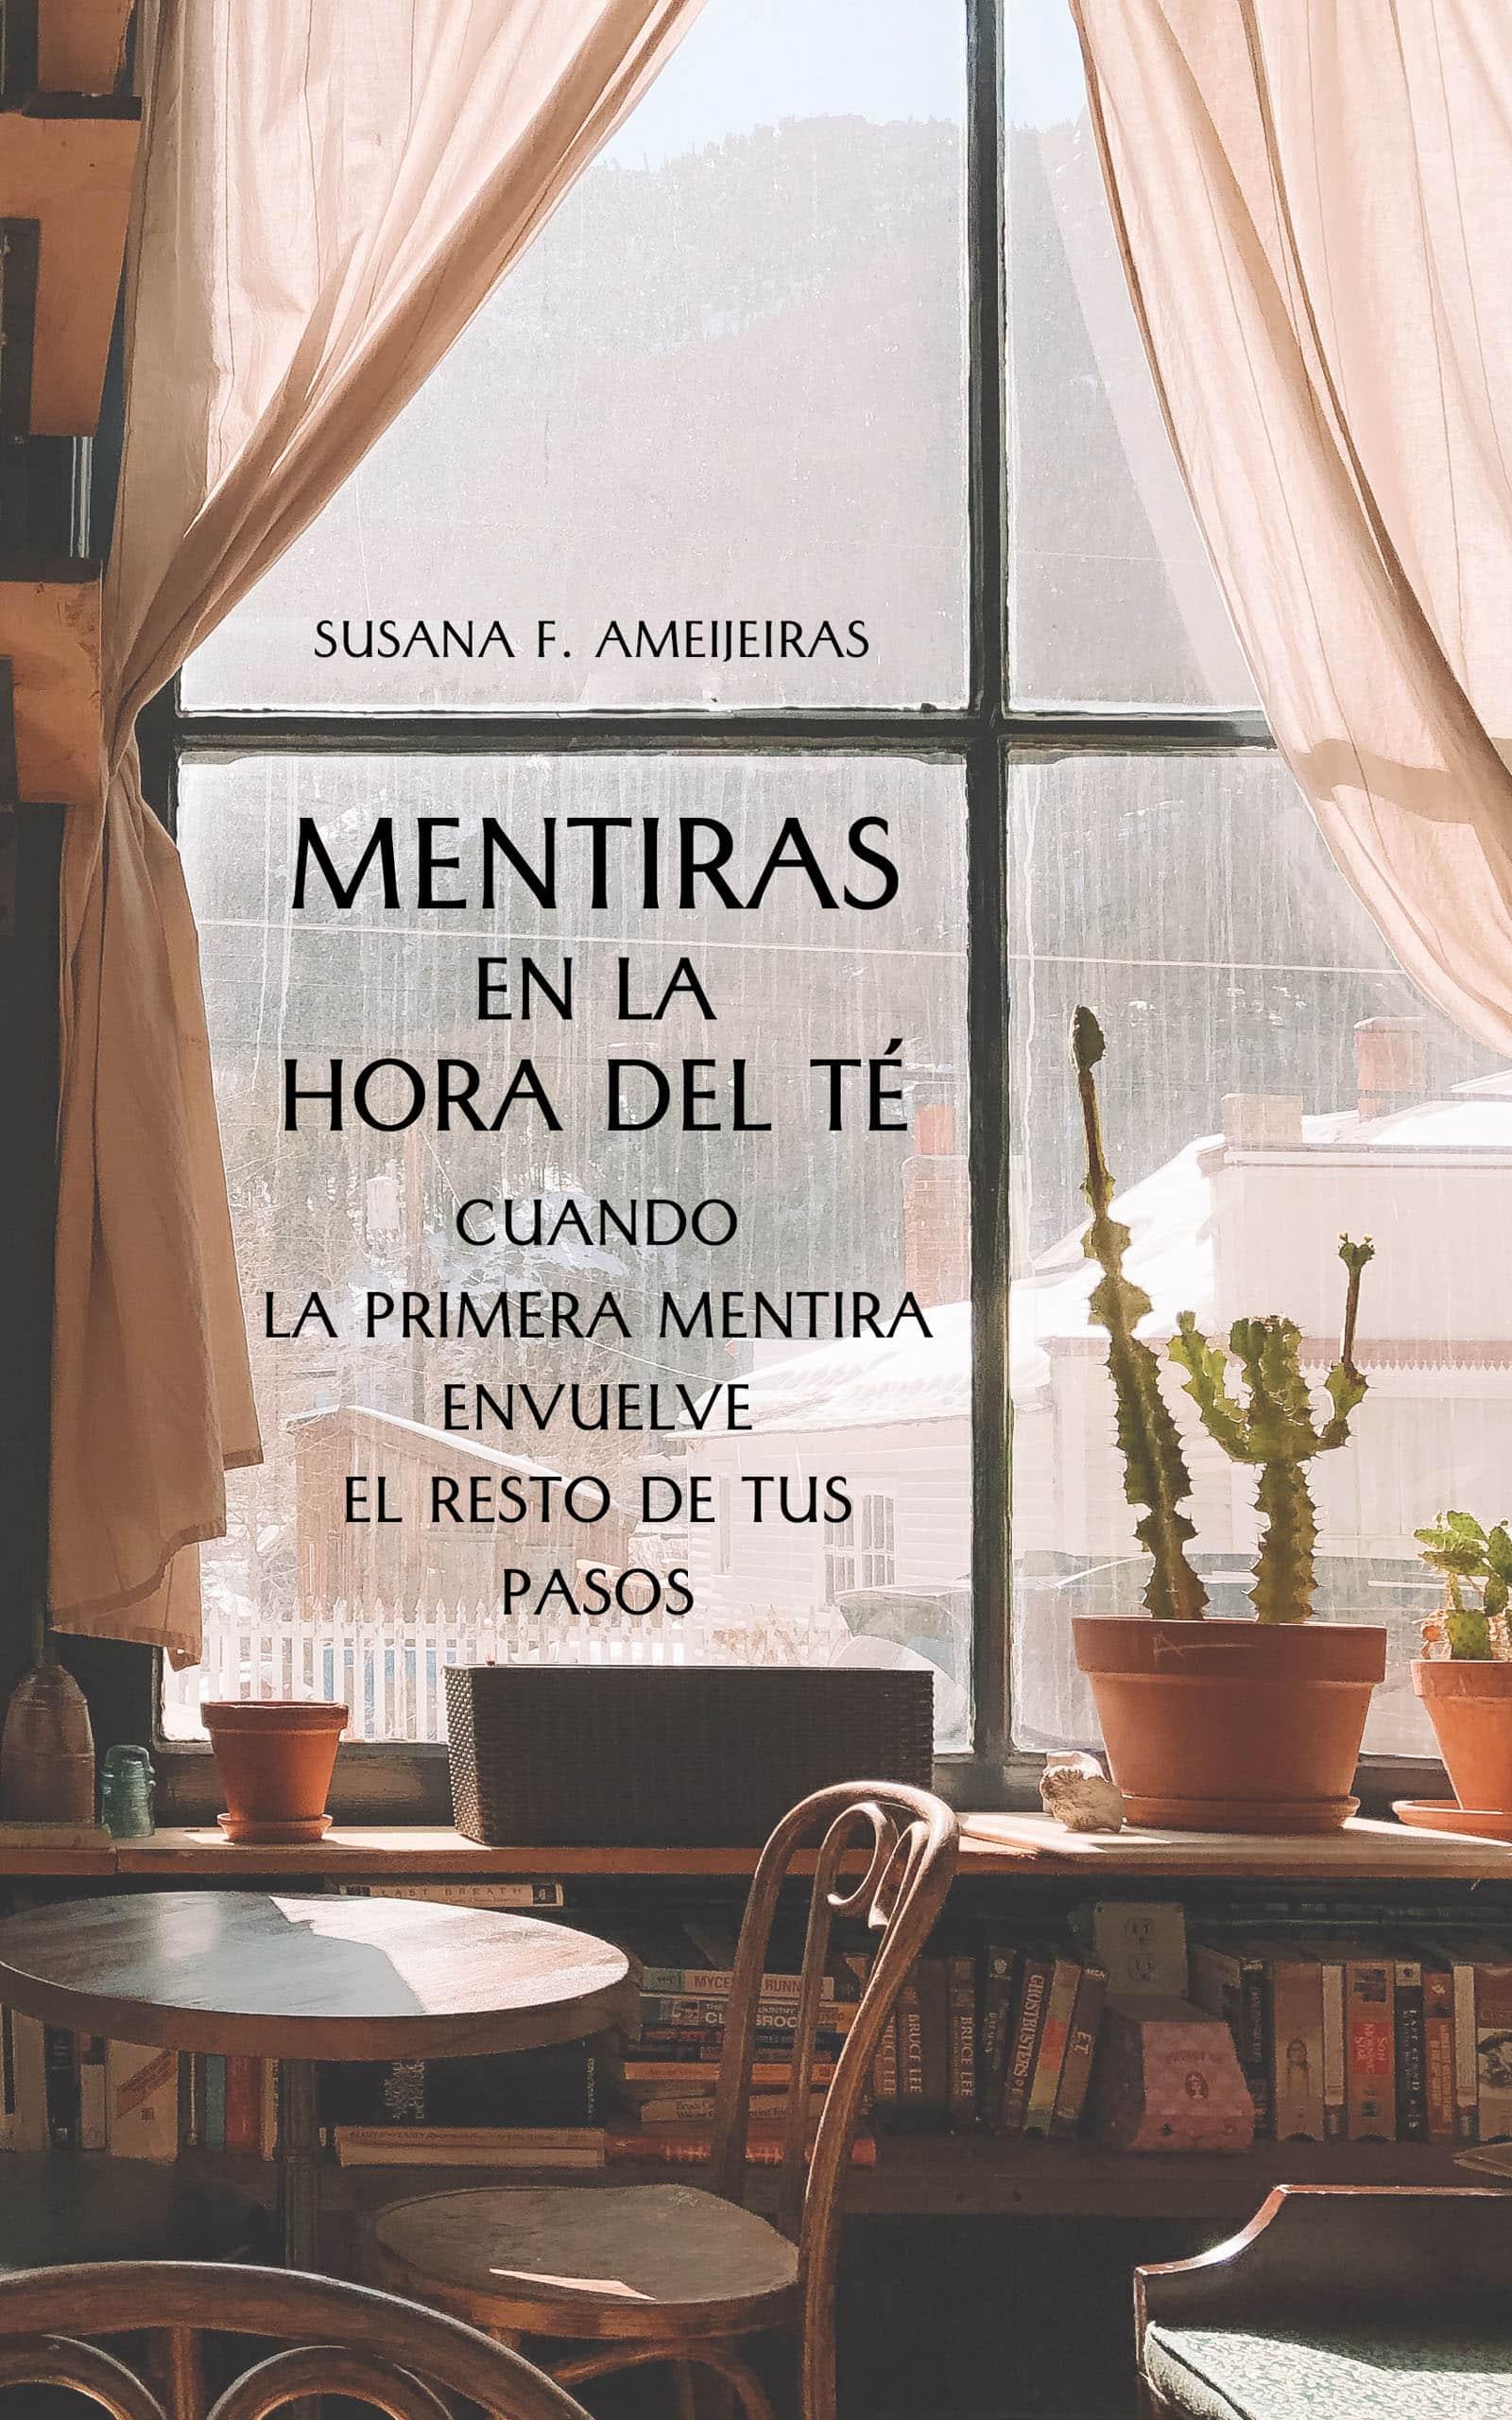 Mentiras en La Hora del Té, de Susana F. Ameijeiras